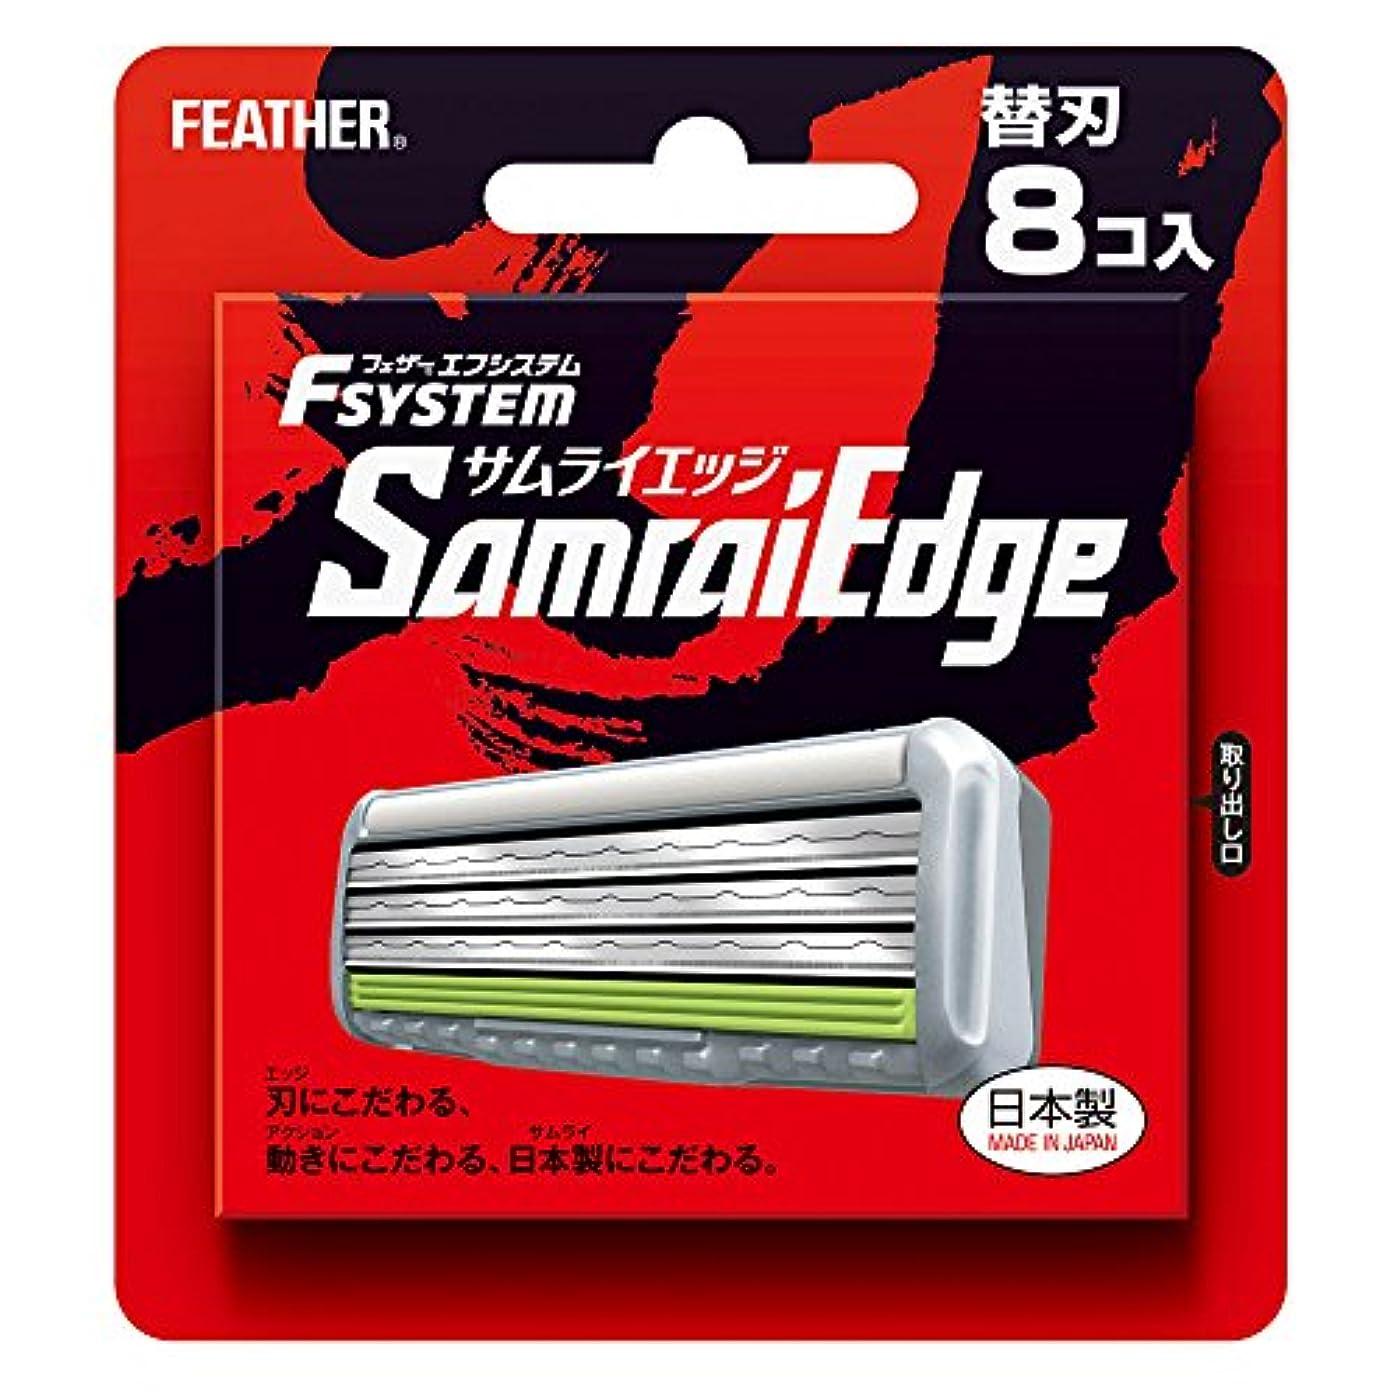 シャーロットブロンテ要件威信フェザー エフシステム 替刃 サムライエッジ 8コ入 (日本製)